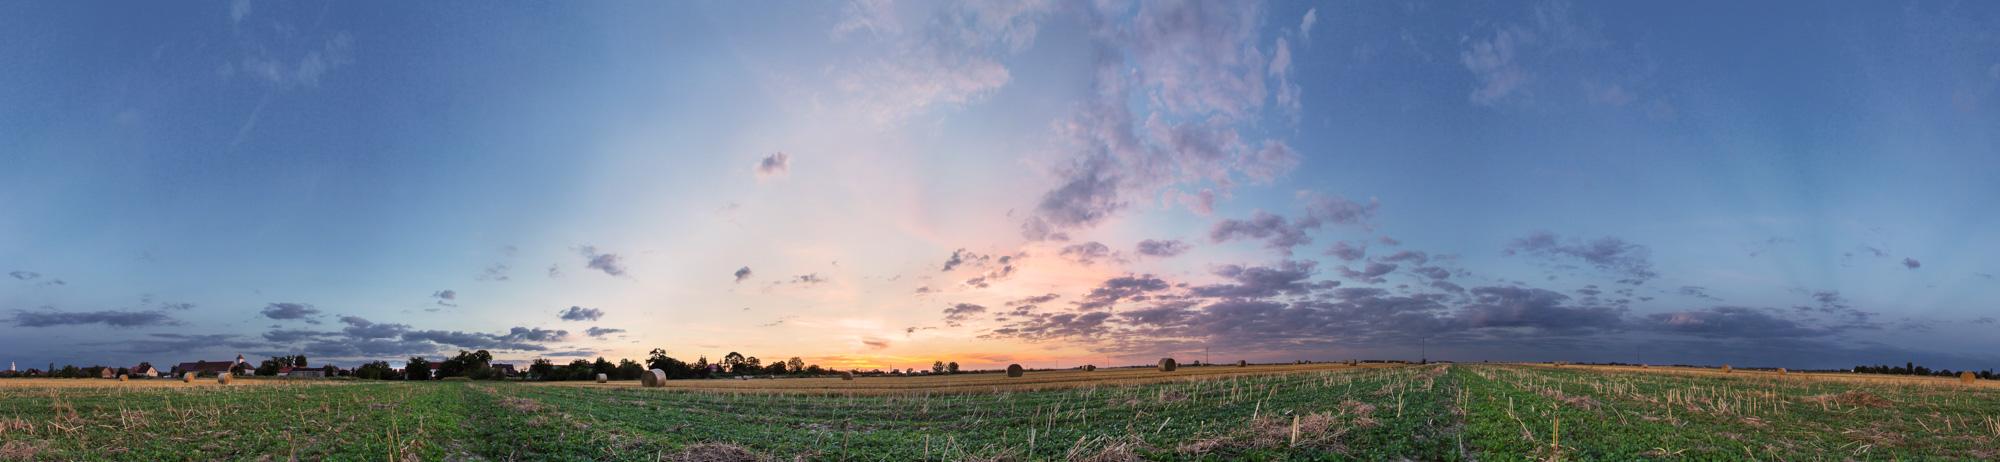 krajobraz plener fotografia 360